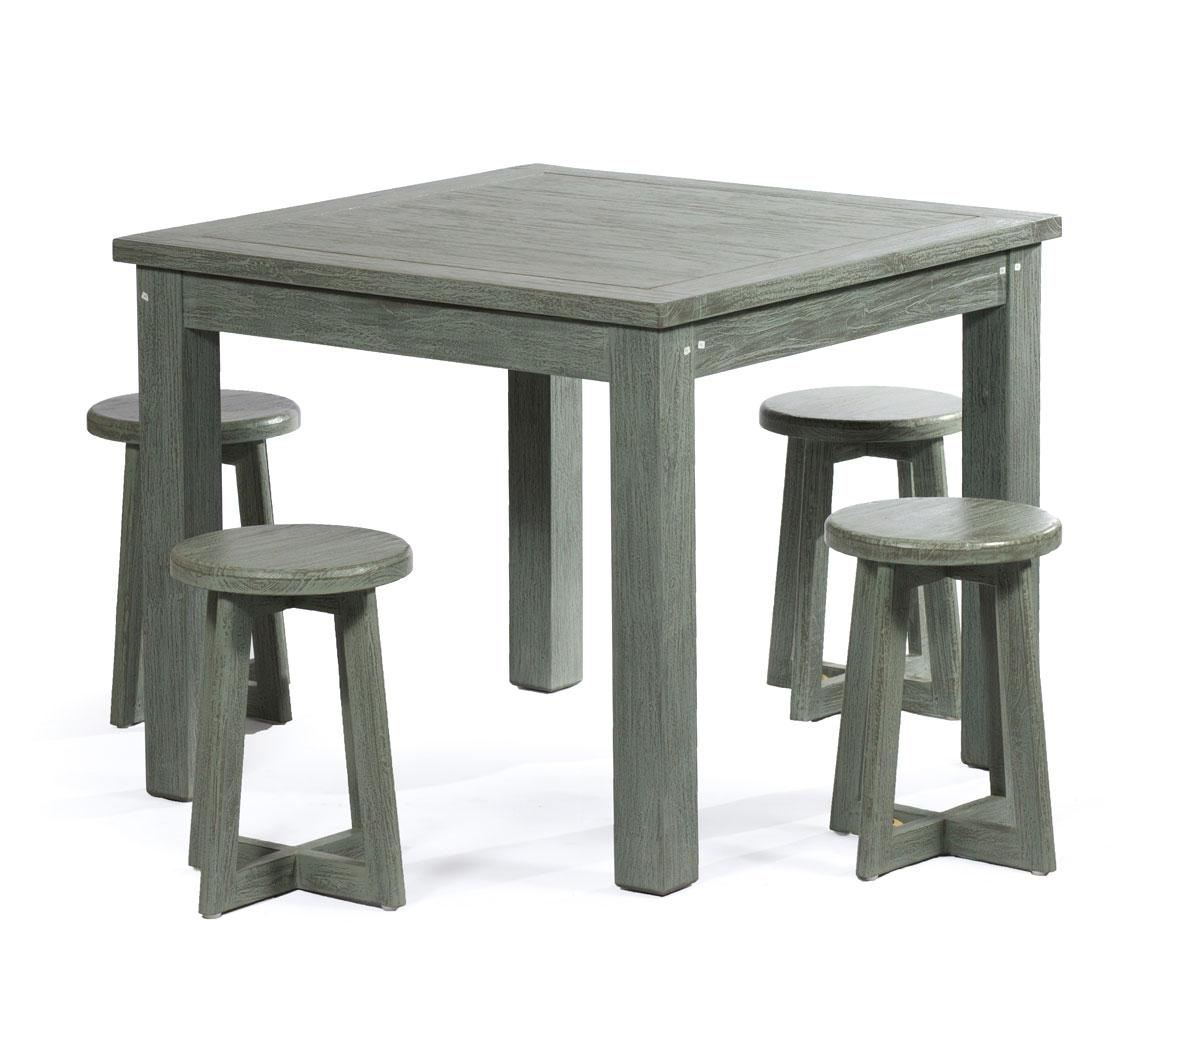 salon int rieur design en teck massif 4 places table carr de 90 cm. Black Bedroom Furniture Sets. Home Design Ideas